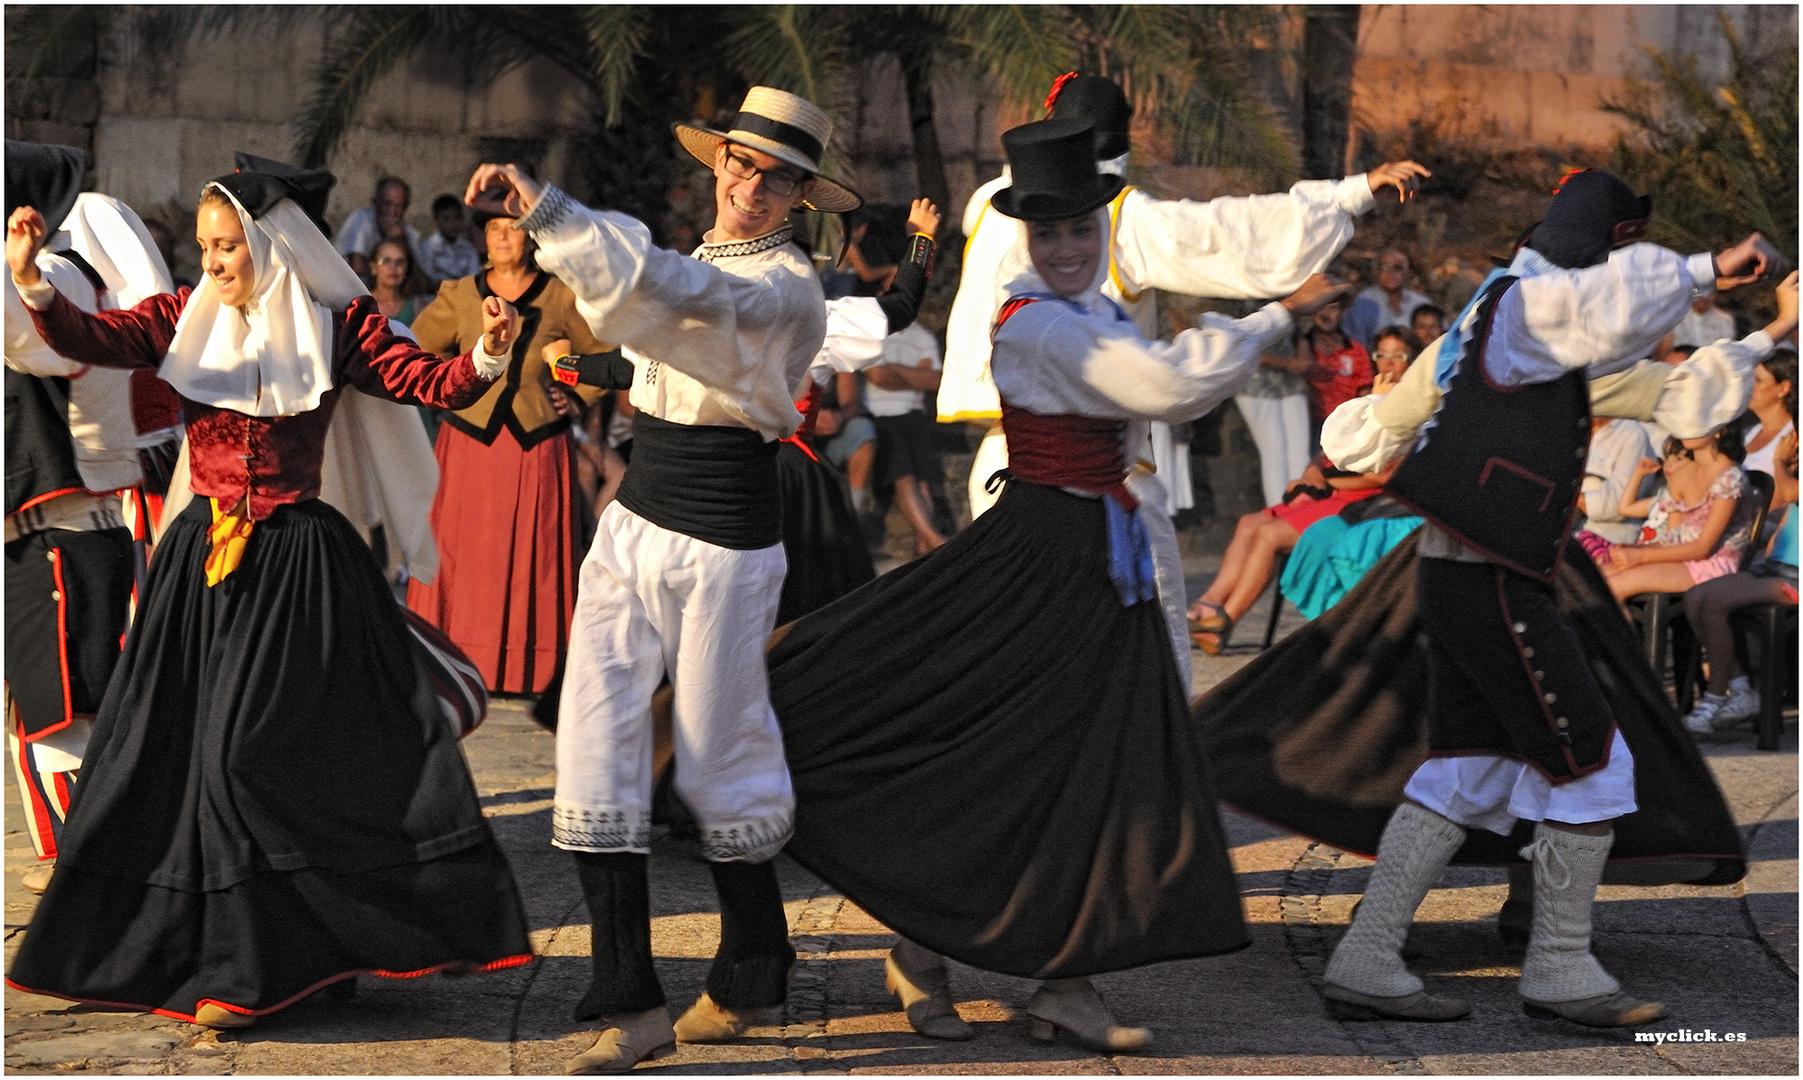 EN LAS FIESTAS DE ARTENARA-EL BAILE (GRAN CANARIA)